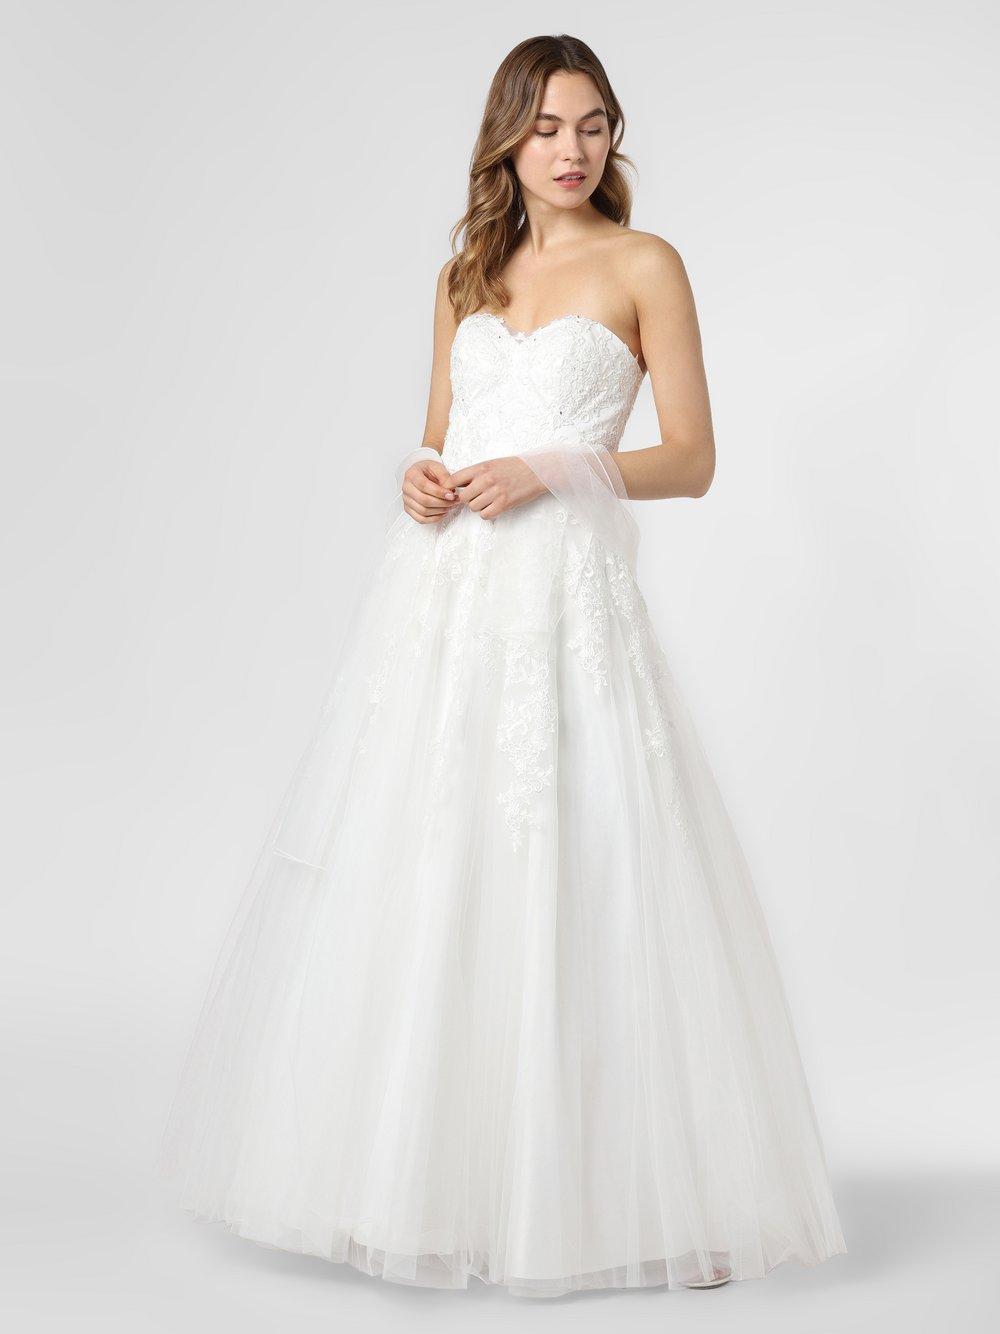 Damen Brautkleid mit Stola